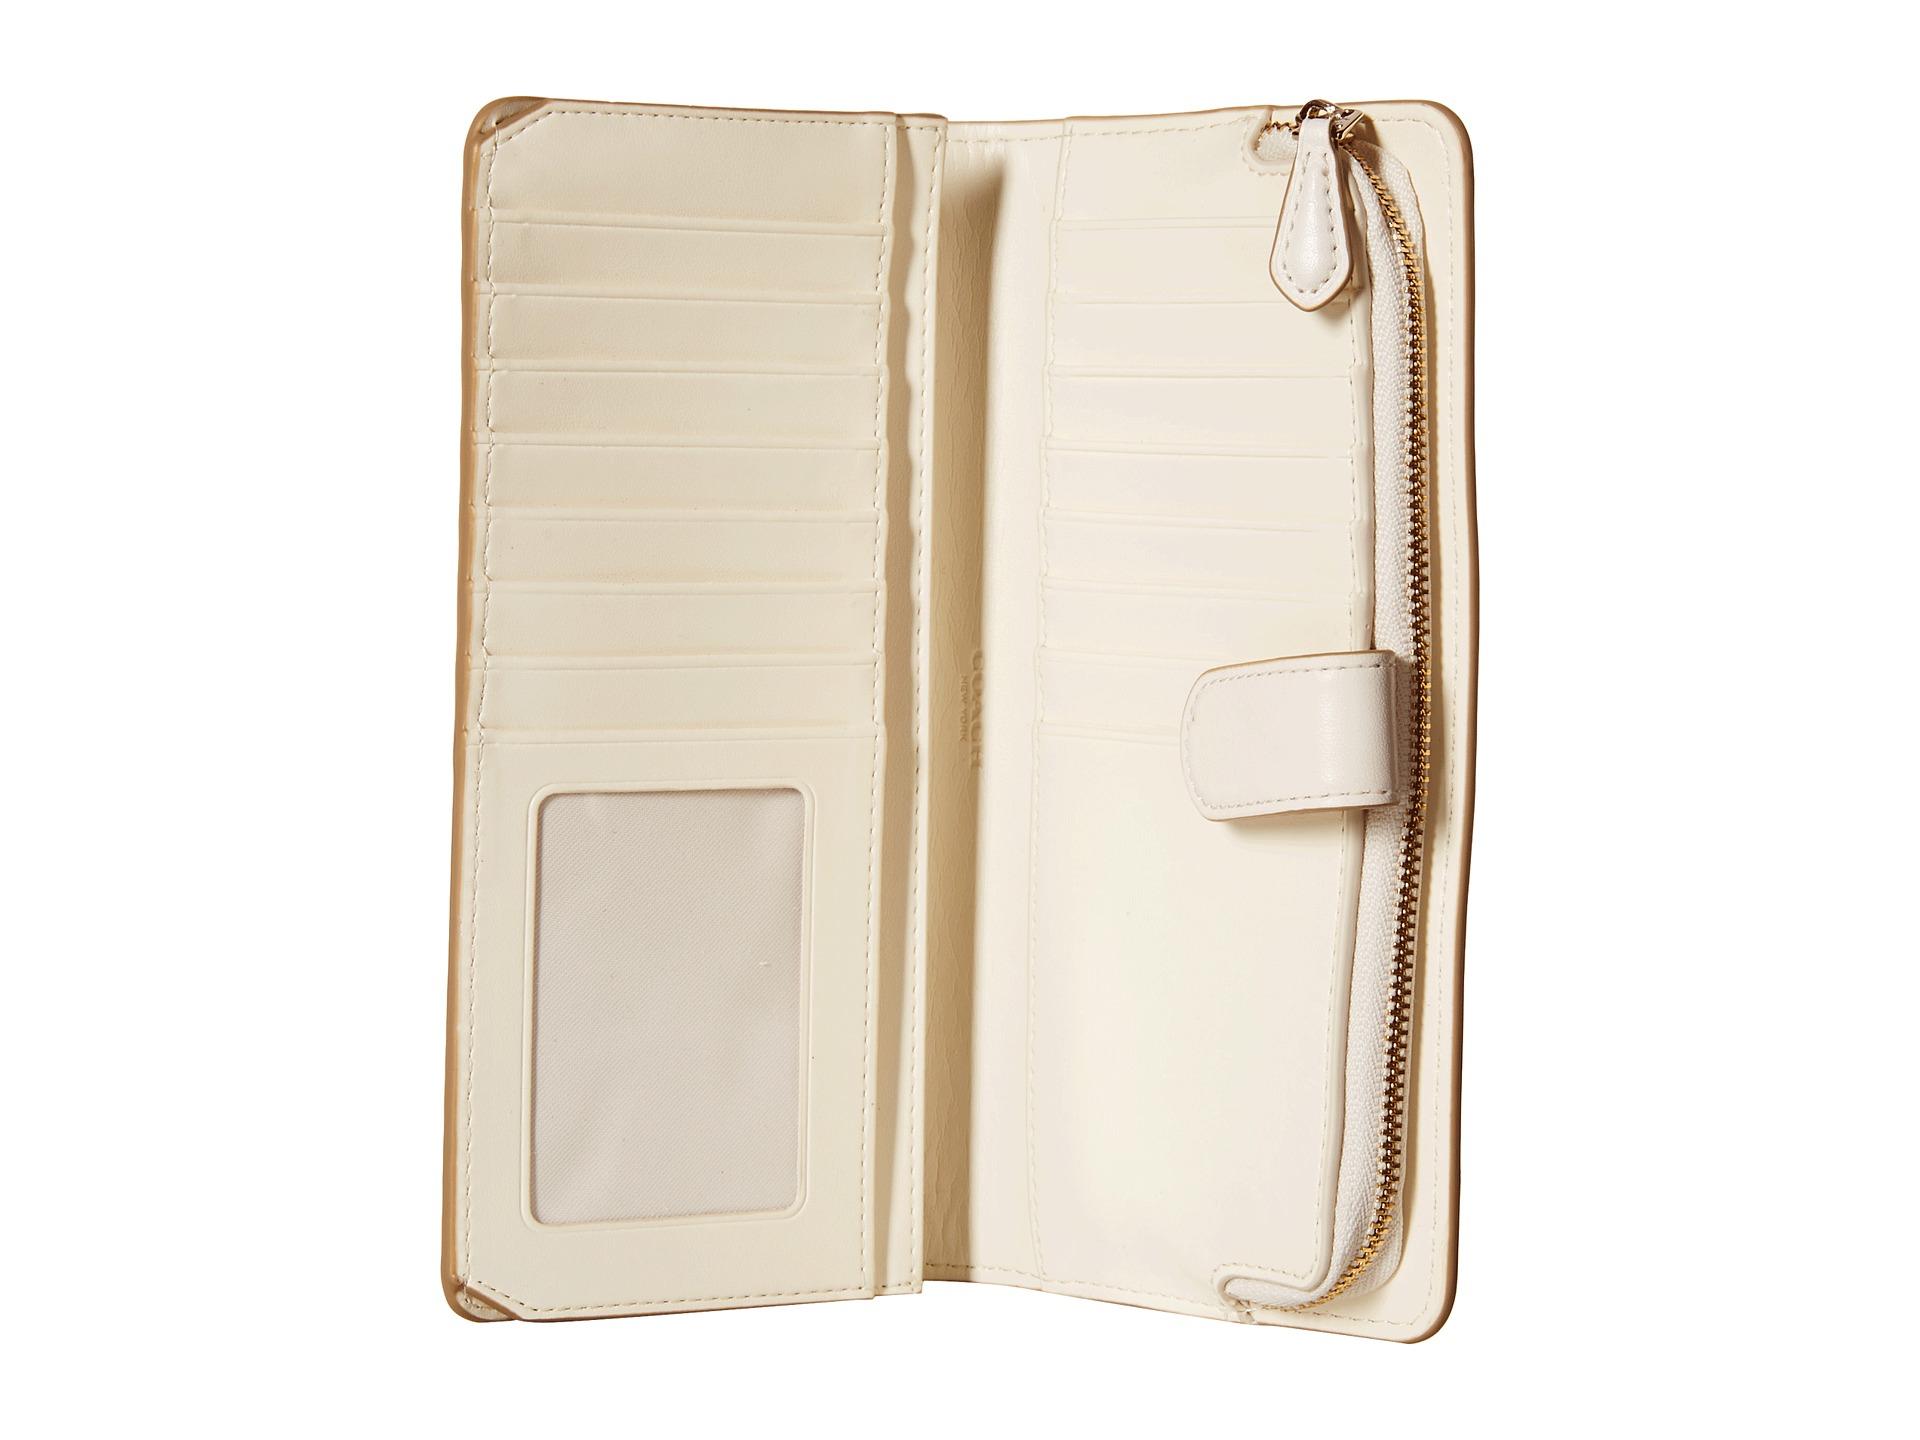 ba93ab5af3ab Lyst - COACH Skinny Wallet in White